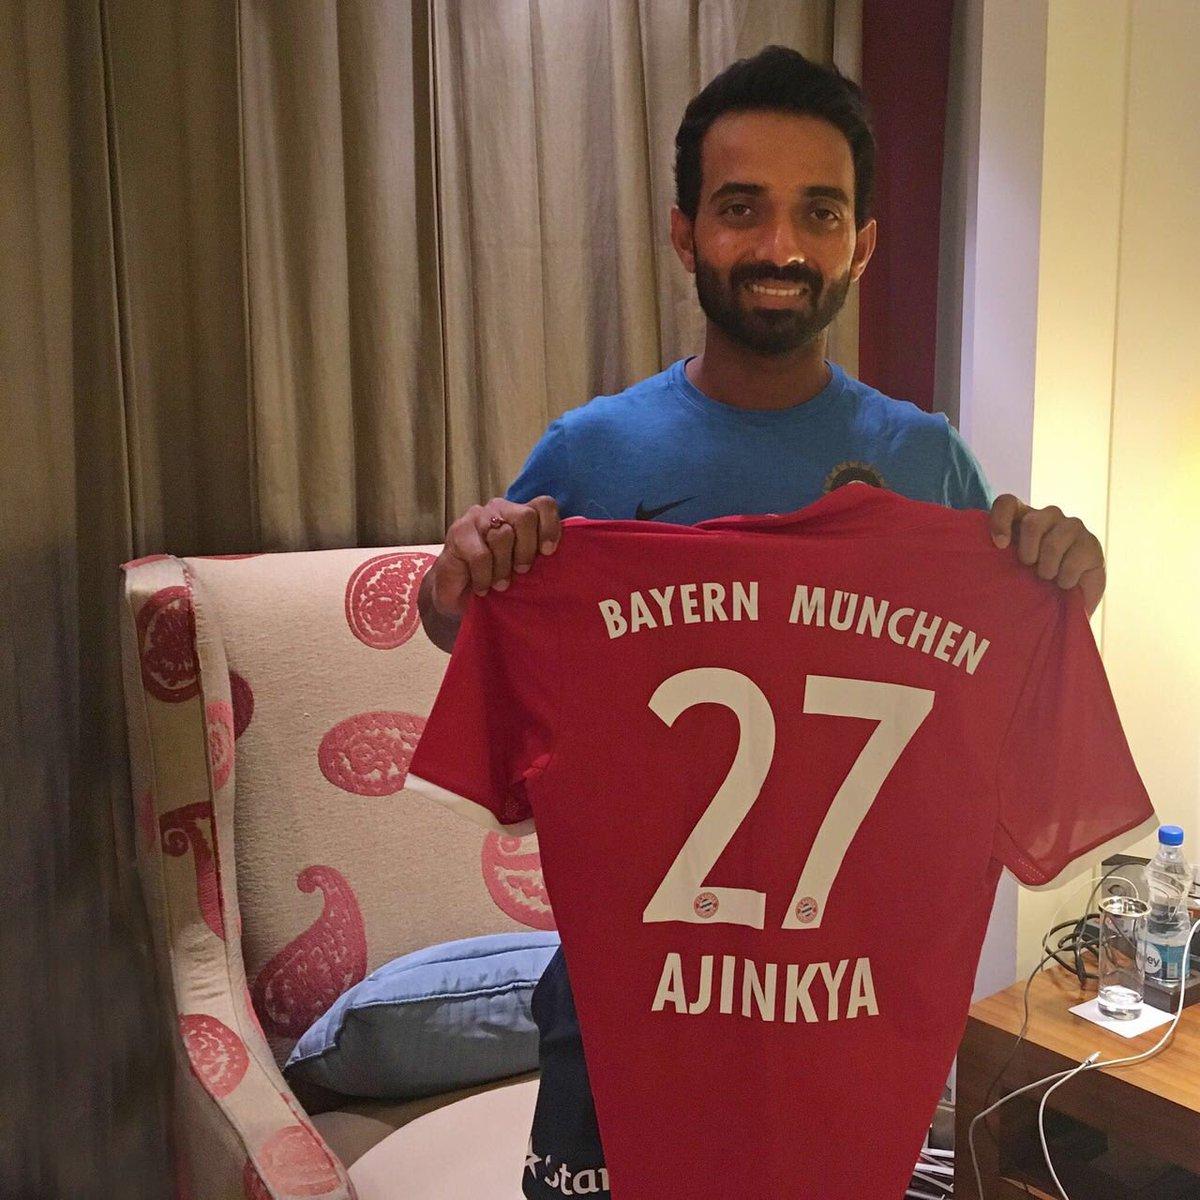 ajinkya-rahane-bayern-munich-jersey-fan